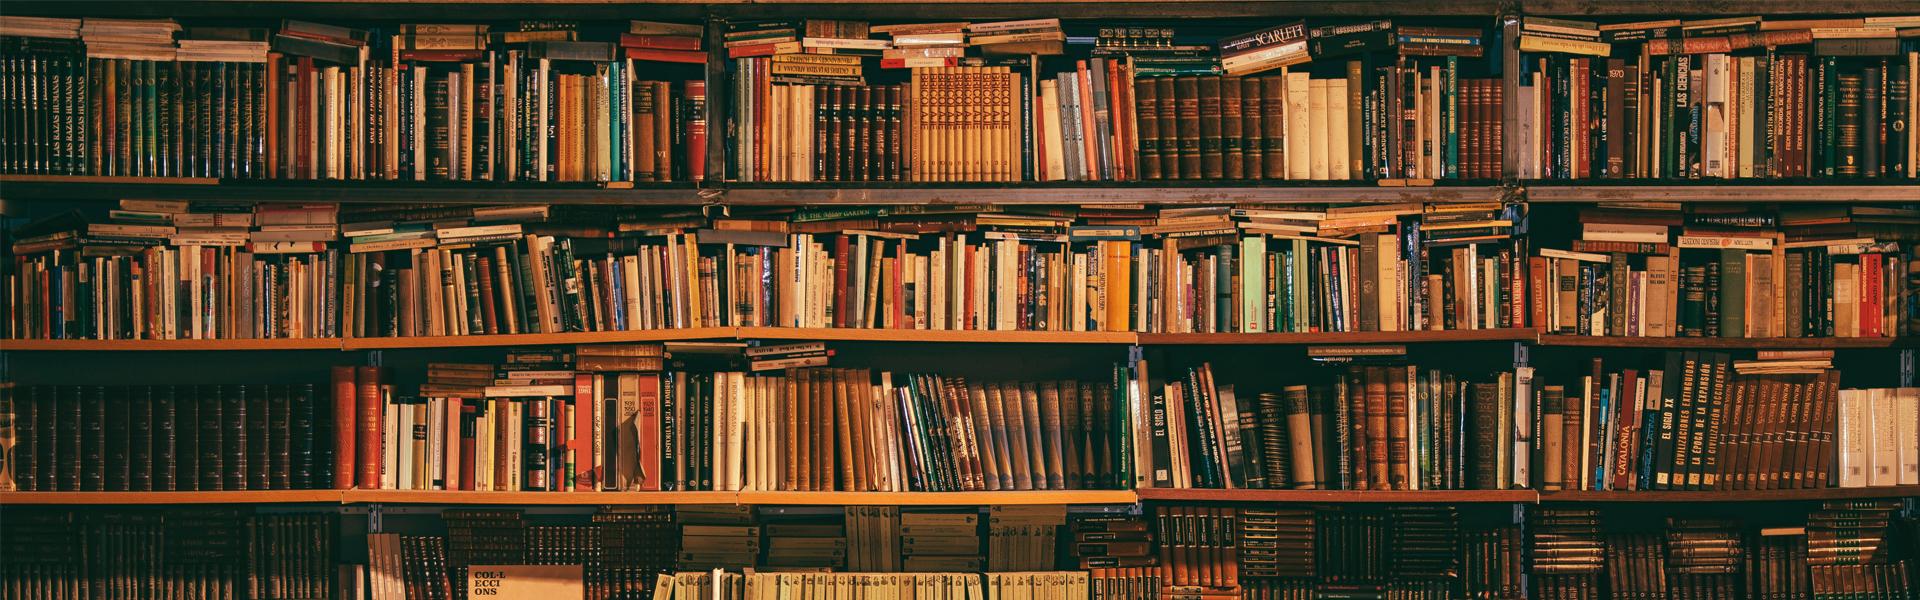 10 книг, необходимых правому демократу